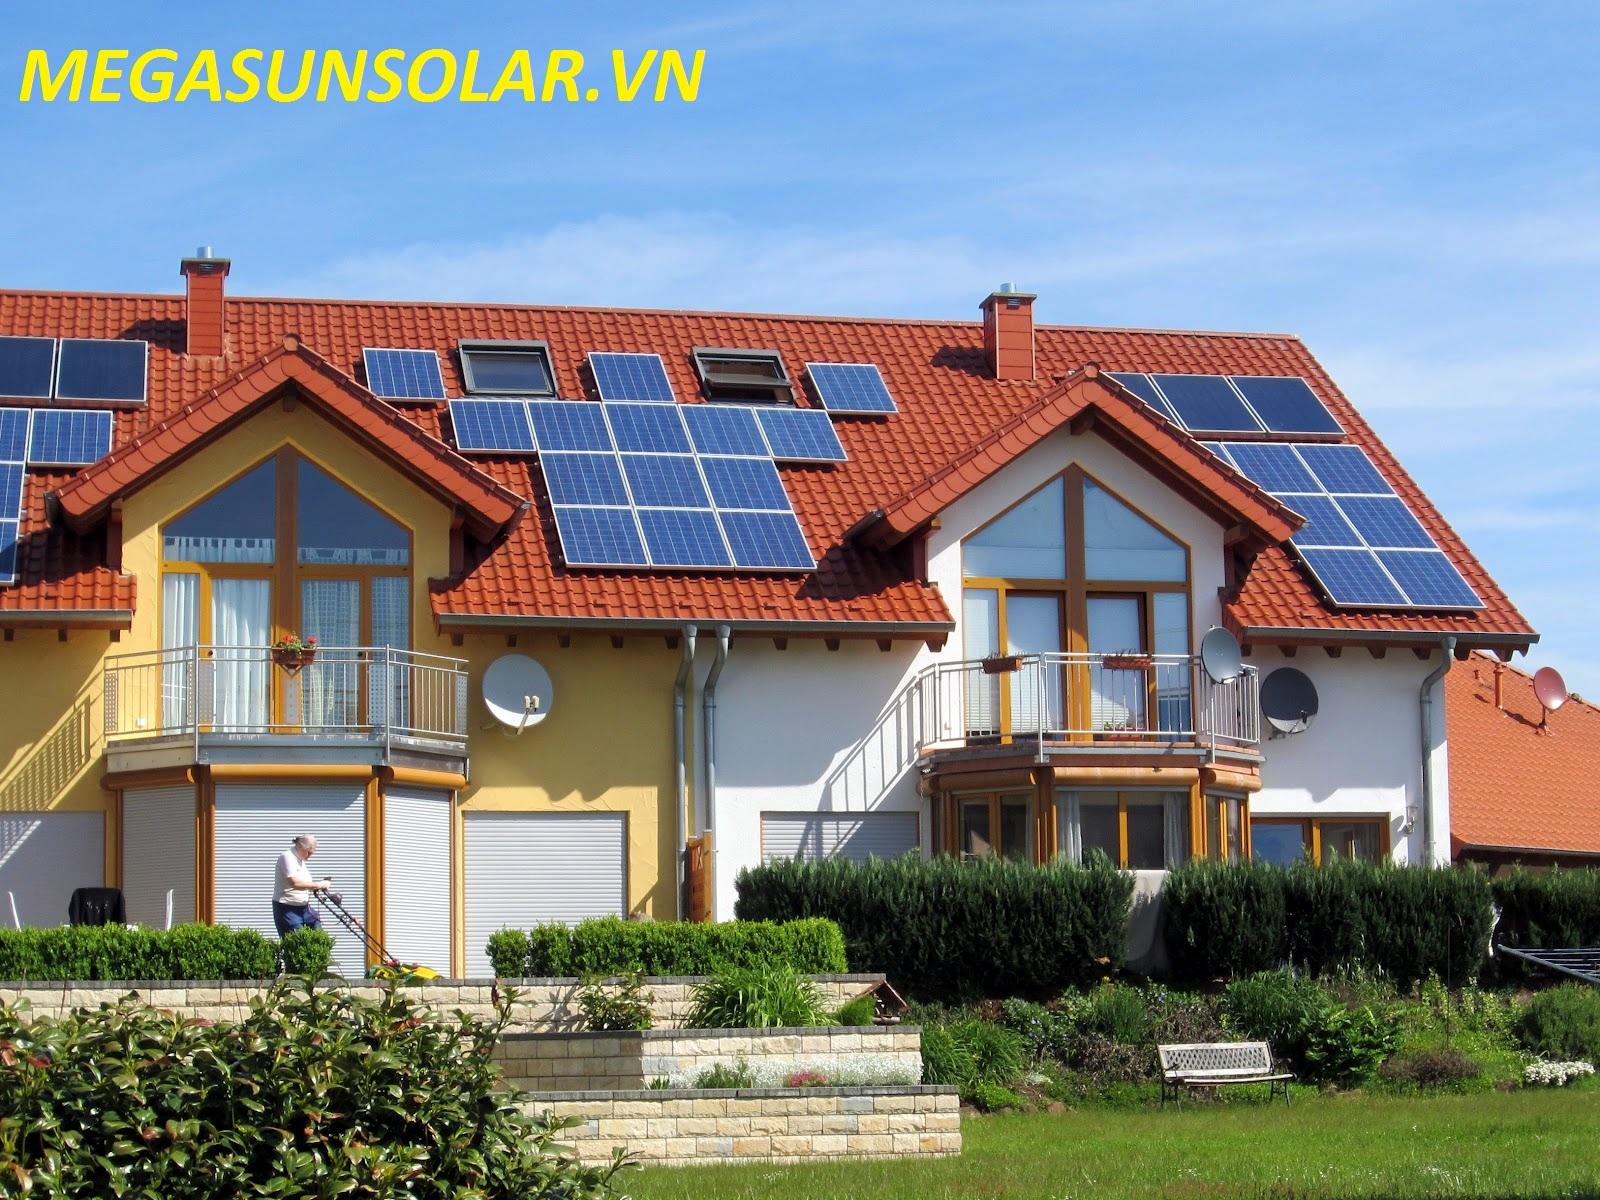 Điện năng lượng mặt trời cho hộ gia đình Megasun 10 Kwp